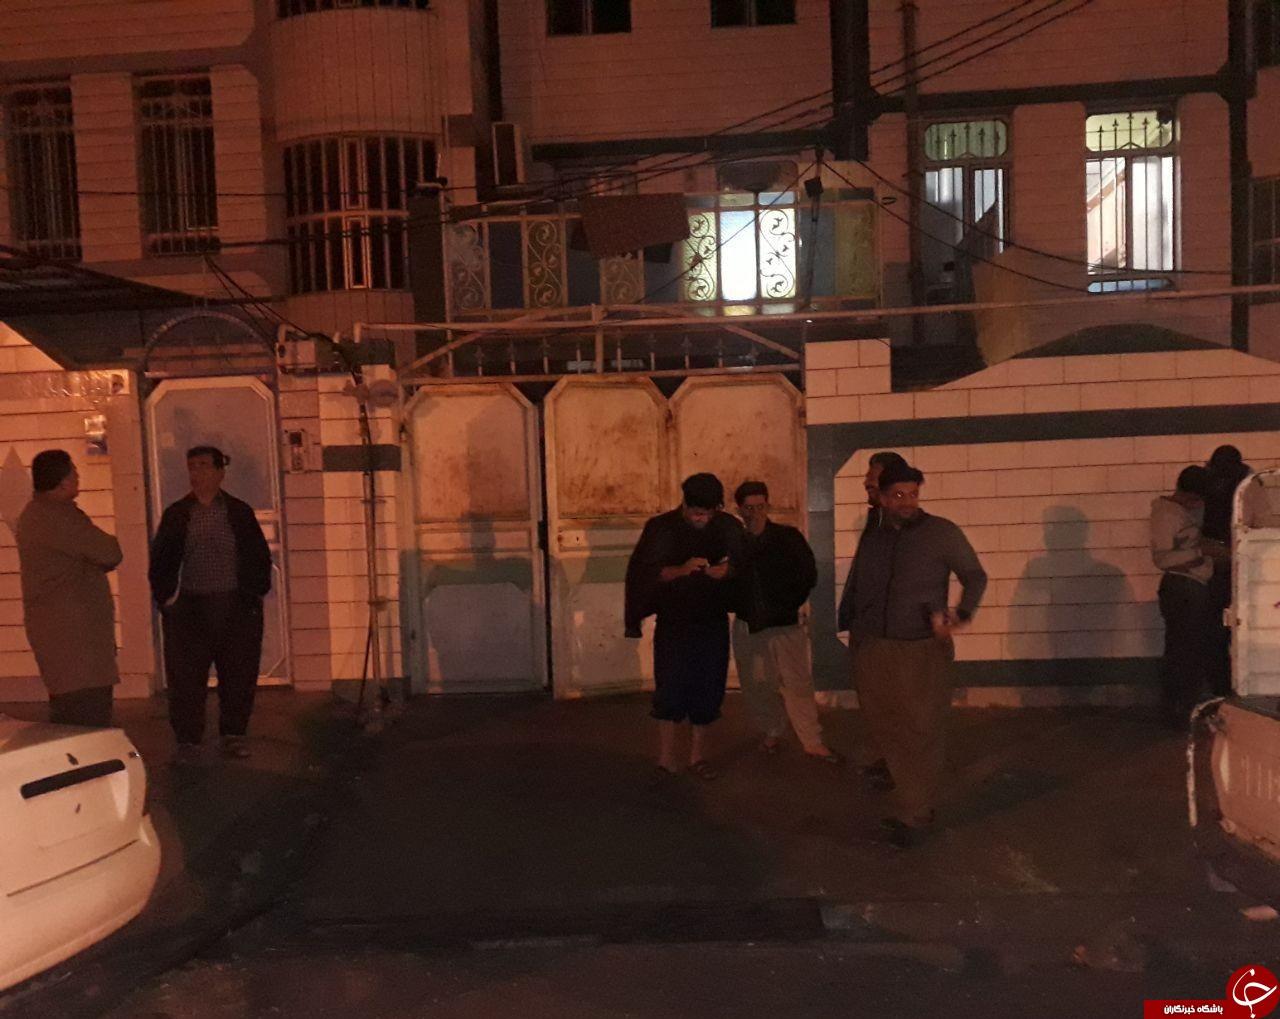 زلزله 6.4 ریشتری کرمانشاه را لرزاند/ بنزین برای سوخت گیری تامین است/ مصدومیت بیش از 400 نفر + فیلم و عکس